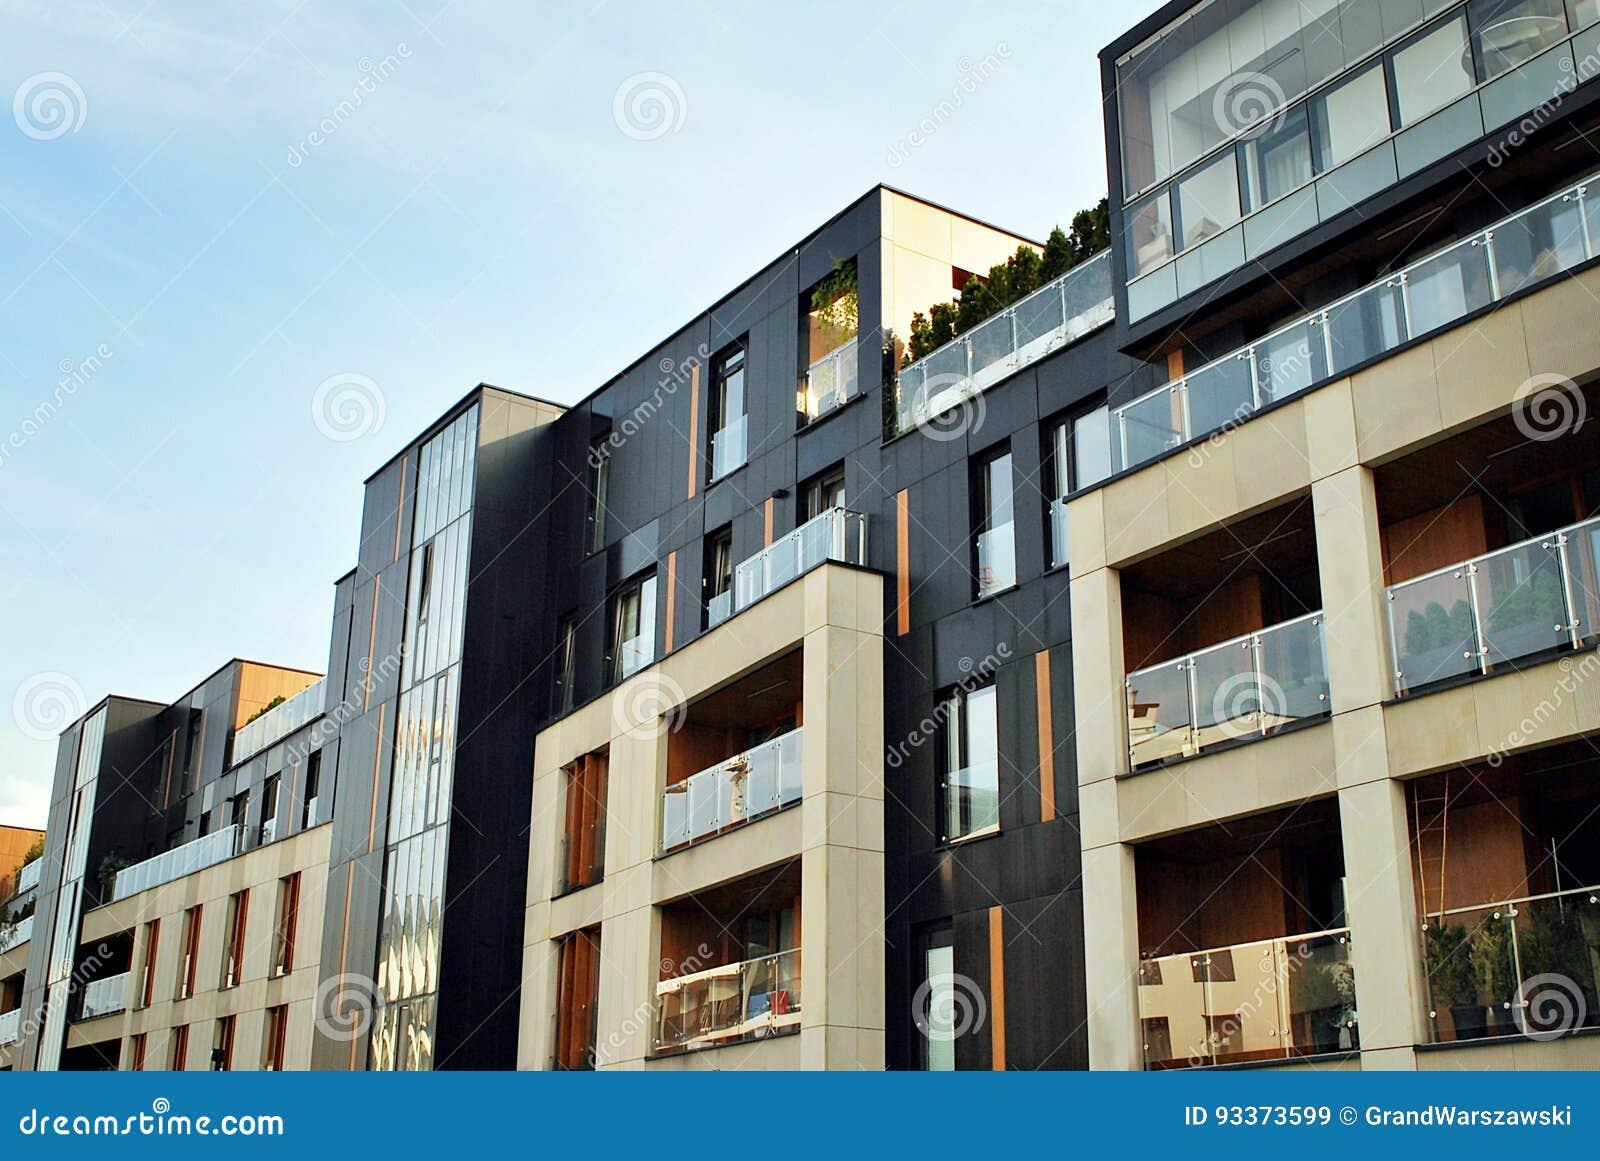 Esterni moderni delle costruzioni di appartamento immagine stock immagine 93373599 - Esterni moderni ...